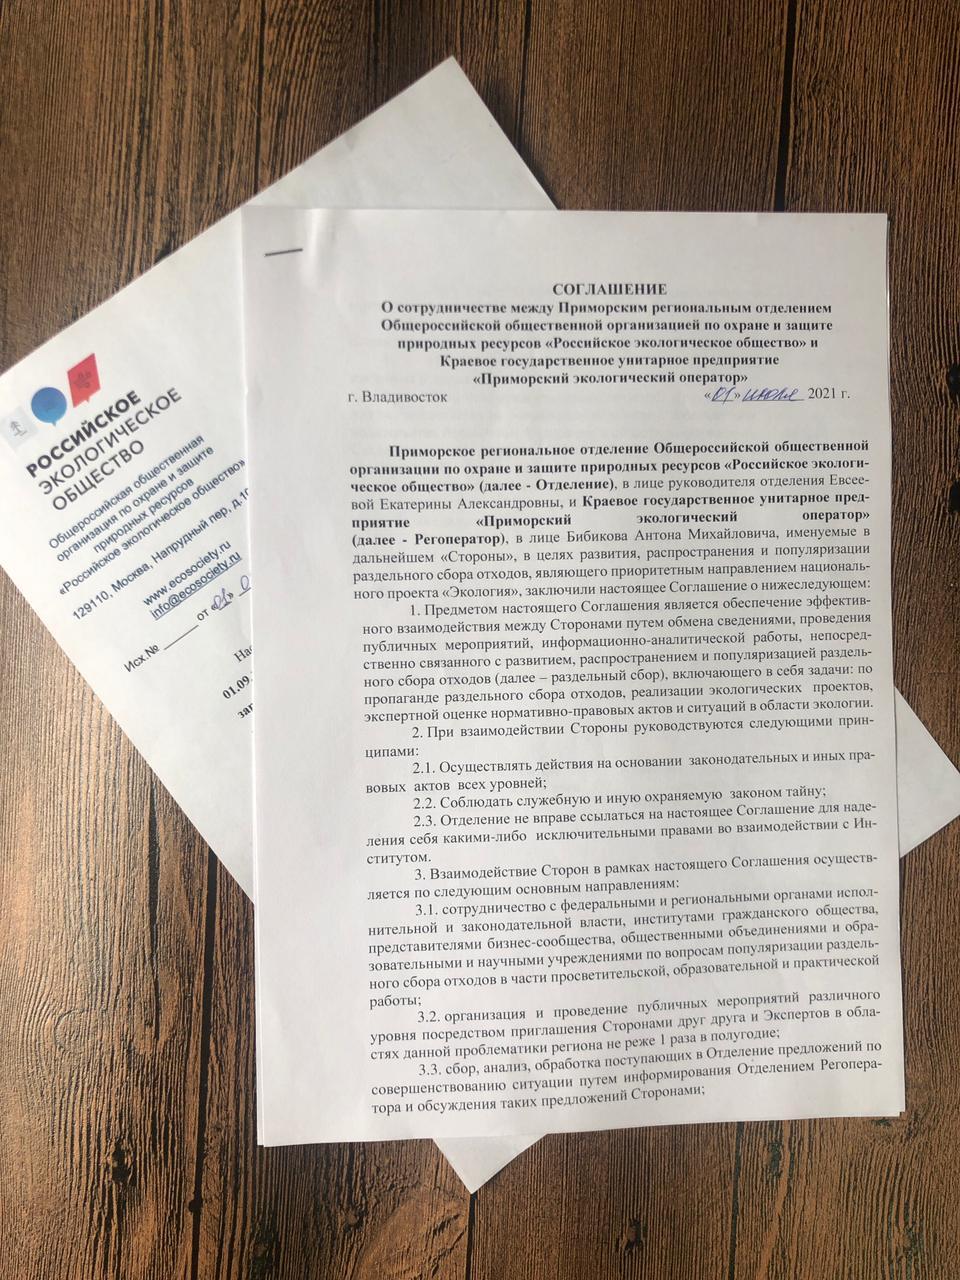 Деятельность Приморского экологического оператора будет сопровождаться общественным мониторингом